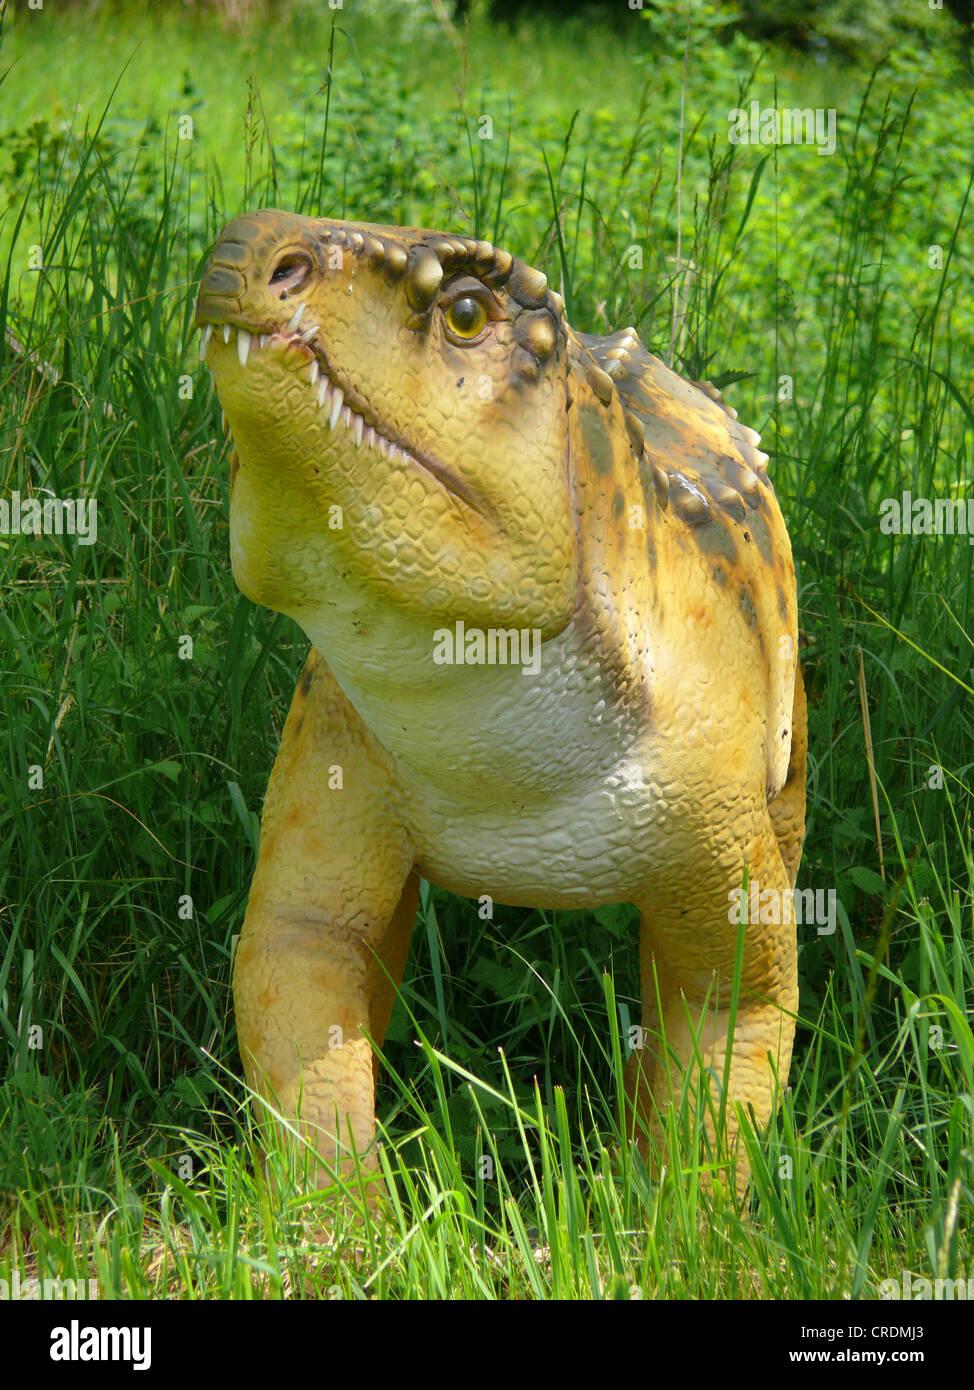 Ornithosuchus (Ornithosuchus), primitive dinosaur - Stock Image